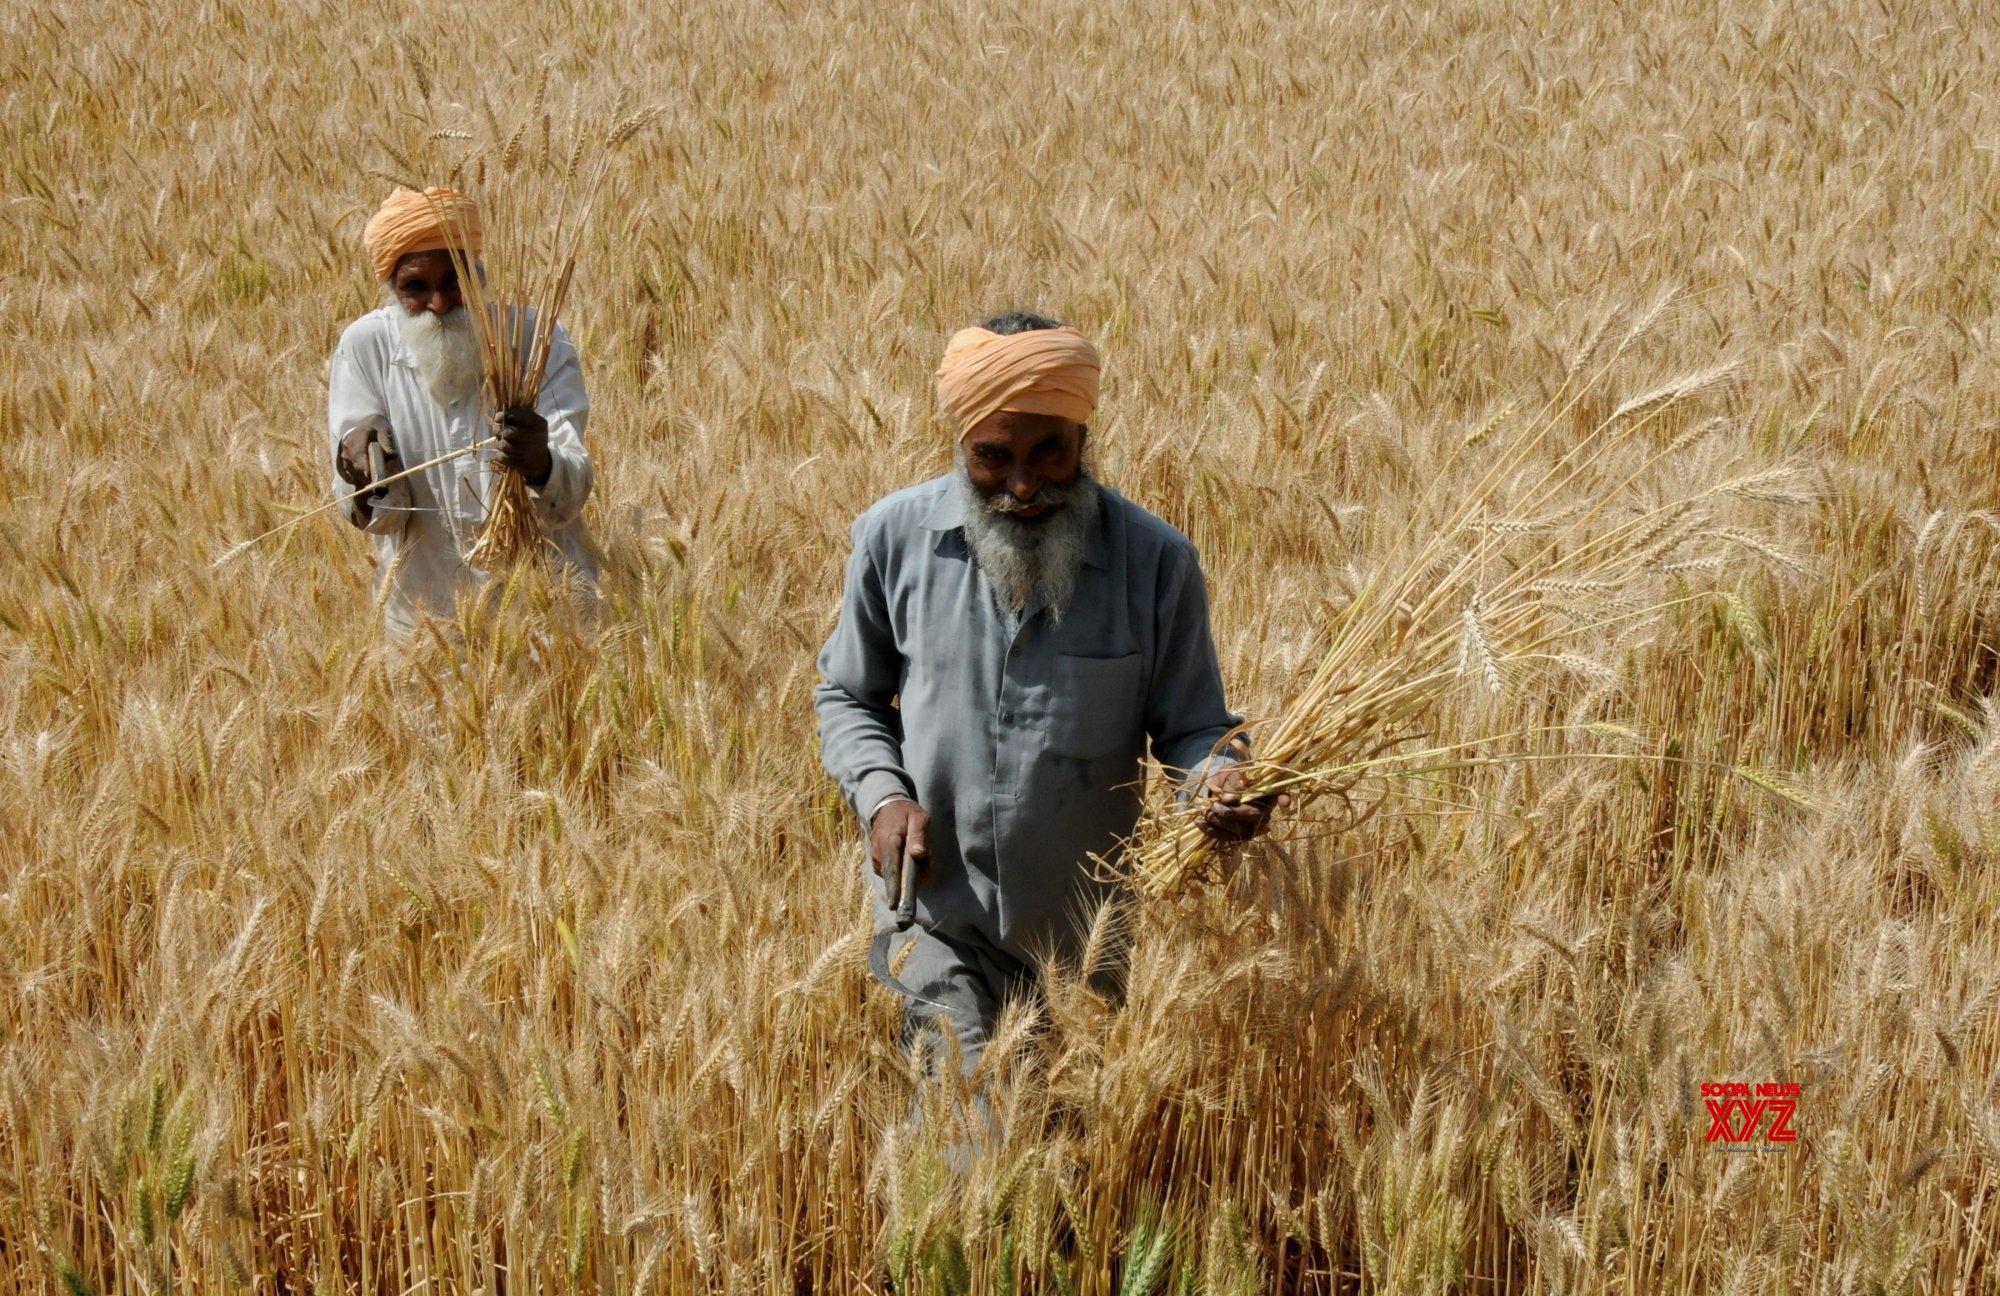 65% more wheat procured in Rabi season than last year